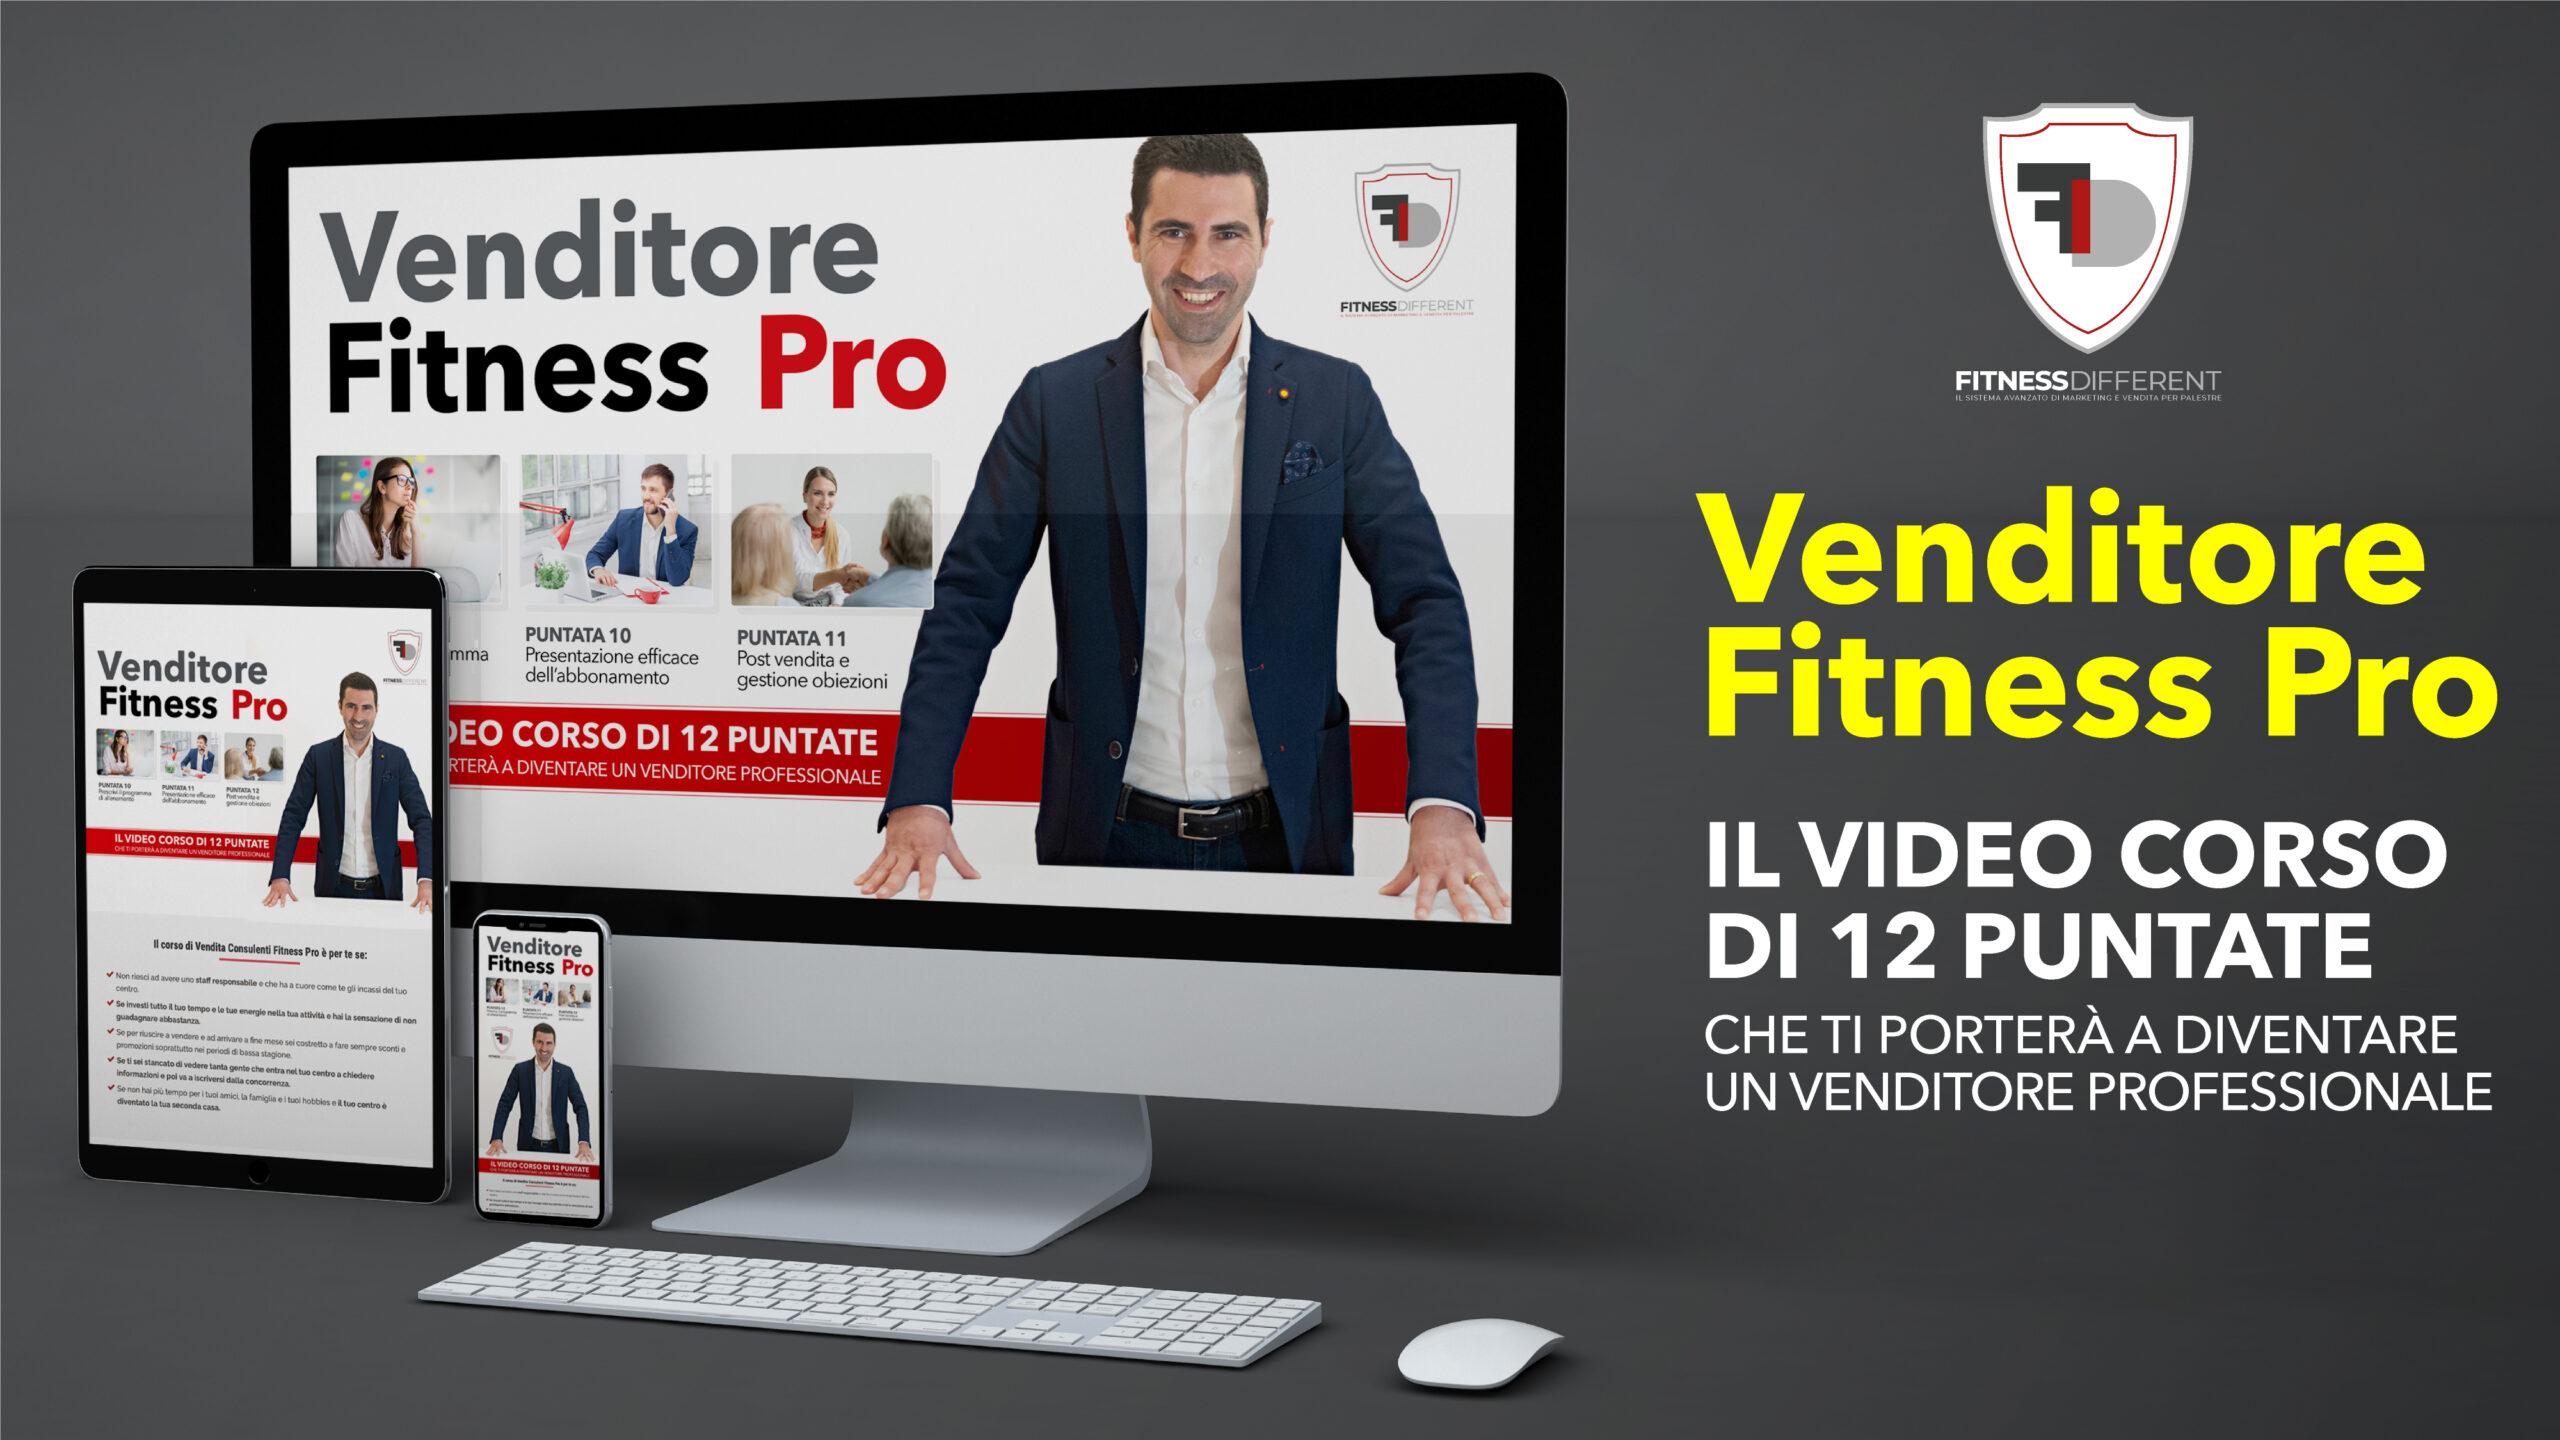 video corso vendita fitness professionale